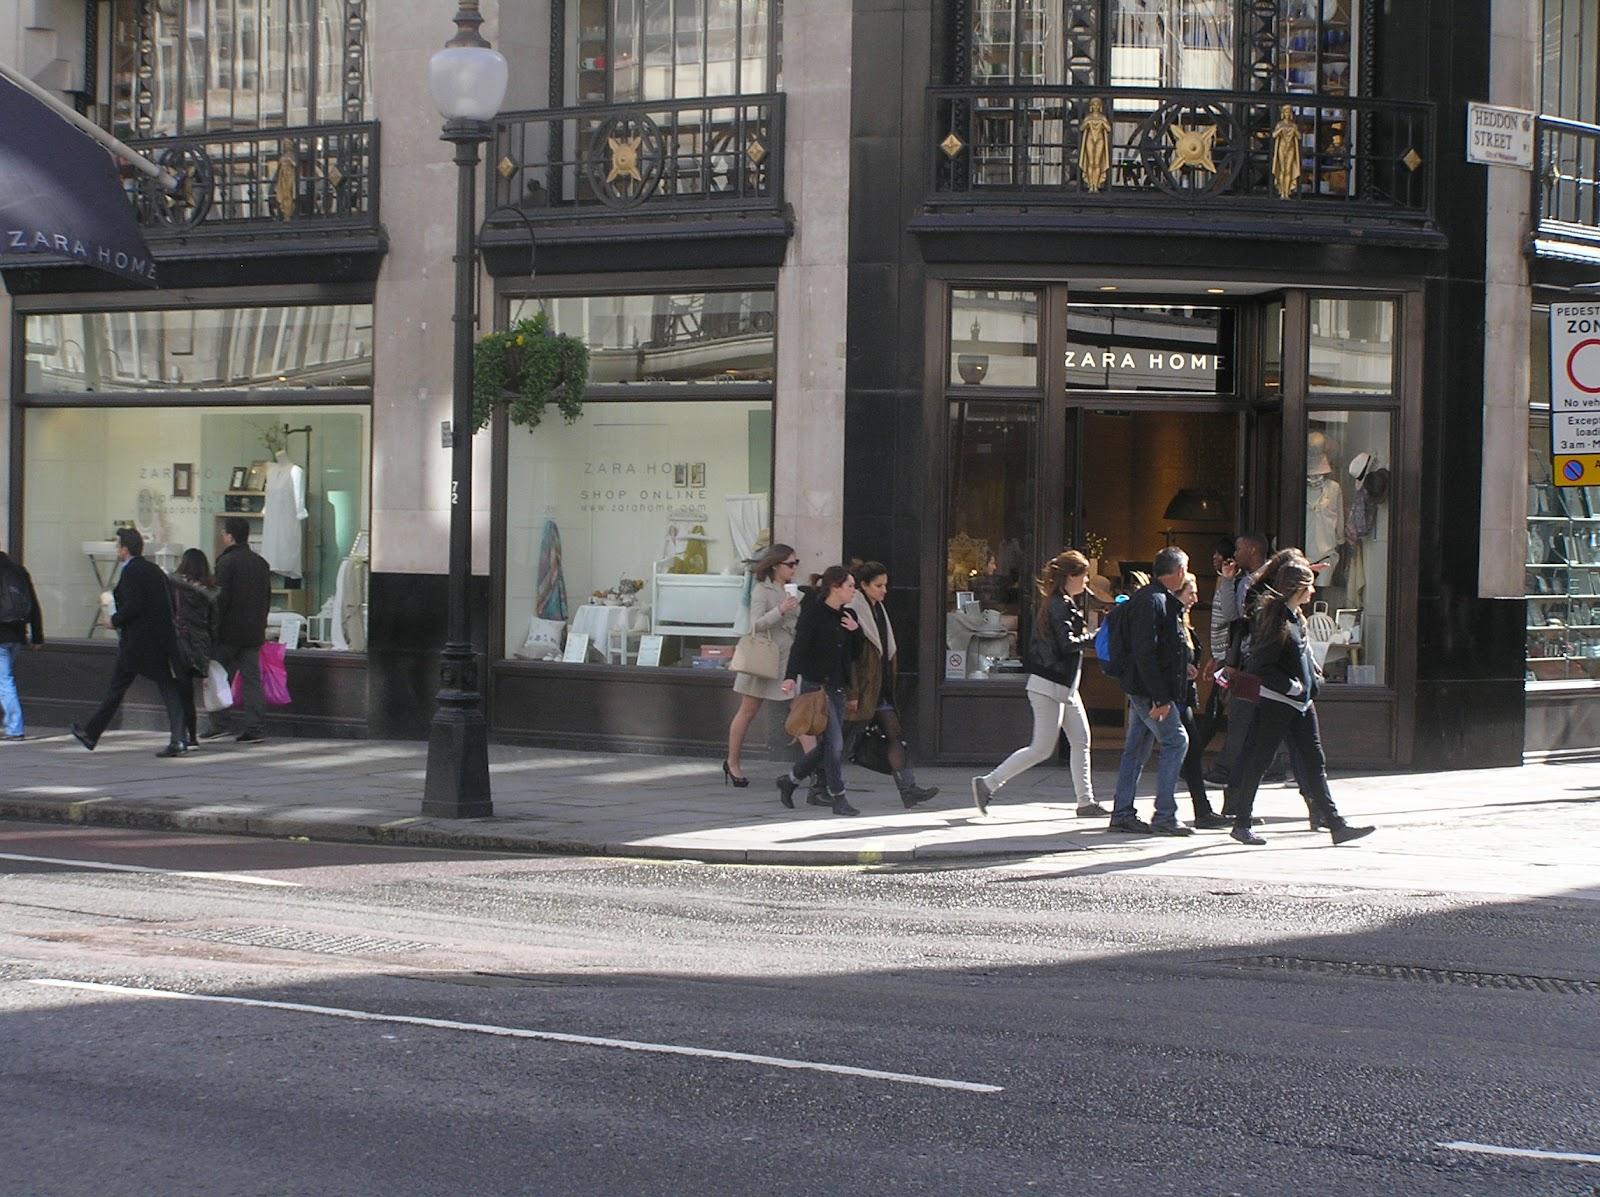 Zara fashion shops in europe and usa tiendas de zara en el mundo tendas de zara polo mundo - Bershka en londres ...